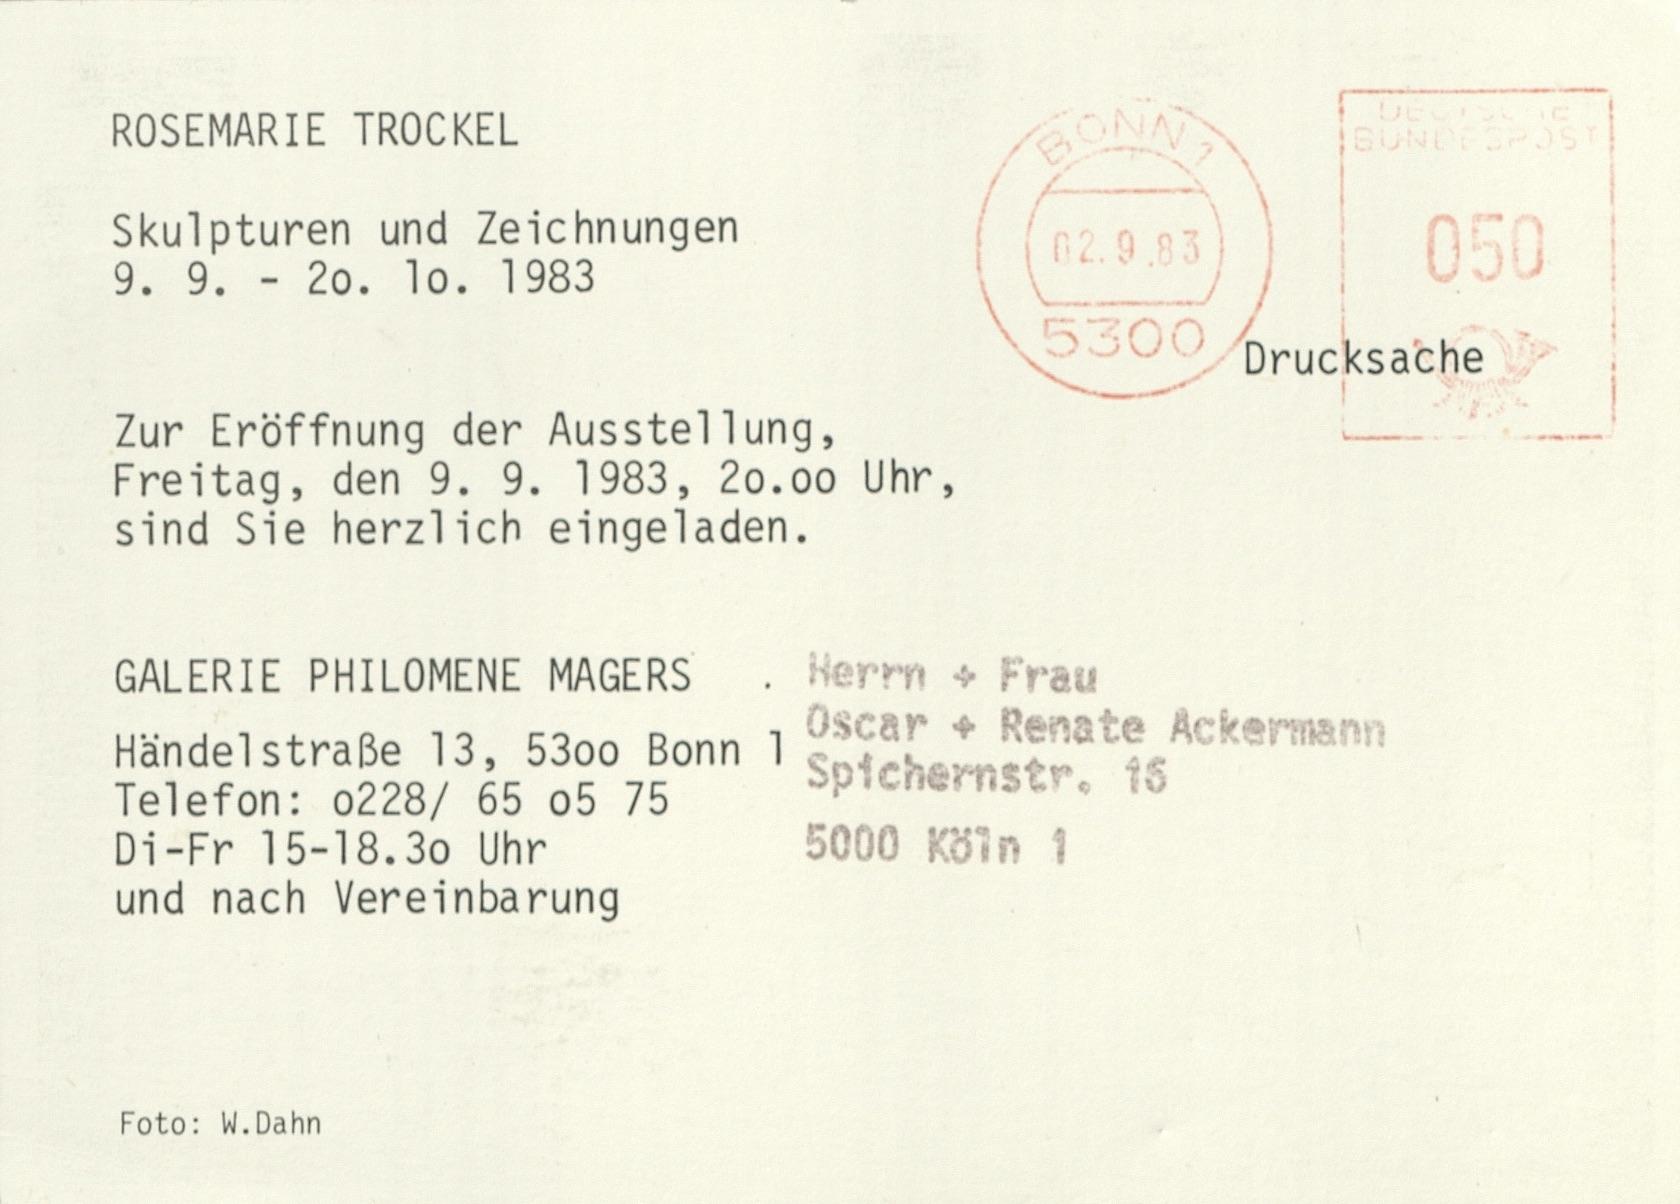 Rosemarie Trockel, Galerie Philomene Magers, Bonn, 1983 (invitation); Archiv der Avantgarden, Staatliche Kunstsammlungen Dresden; VG Bild-Kunst, Bonn